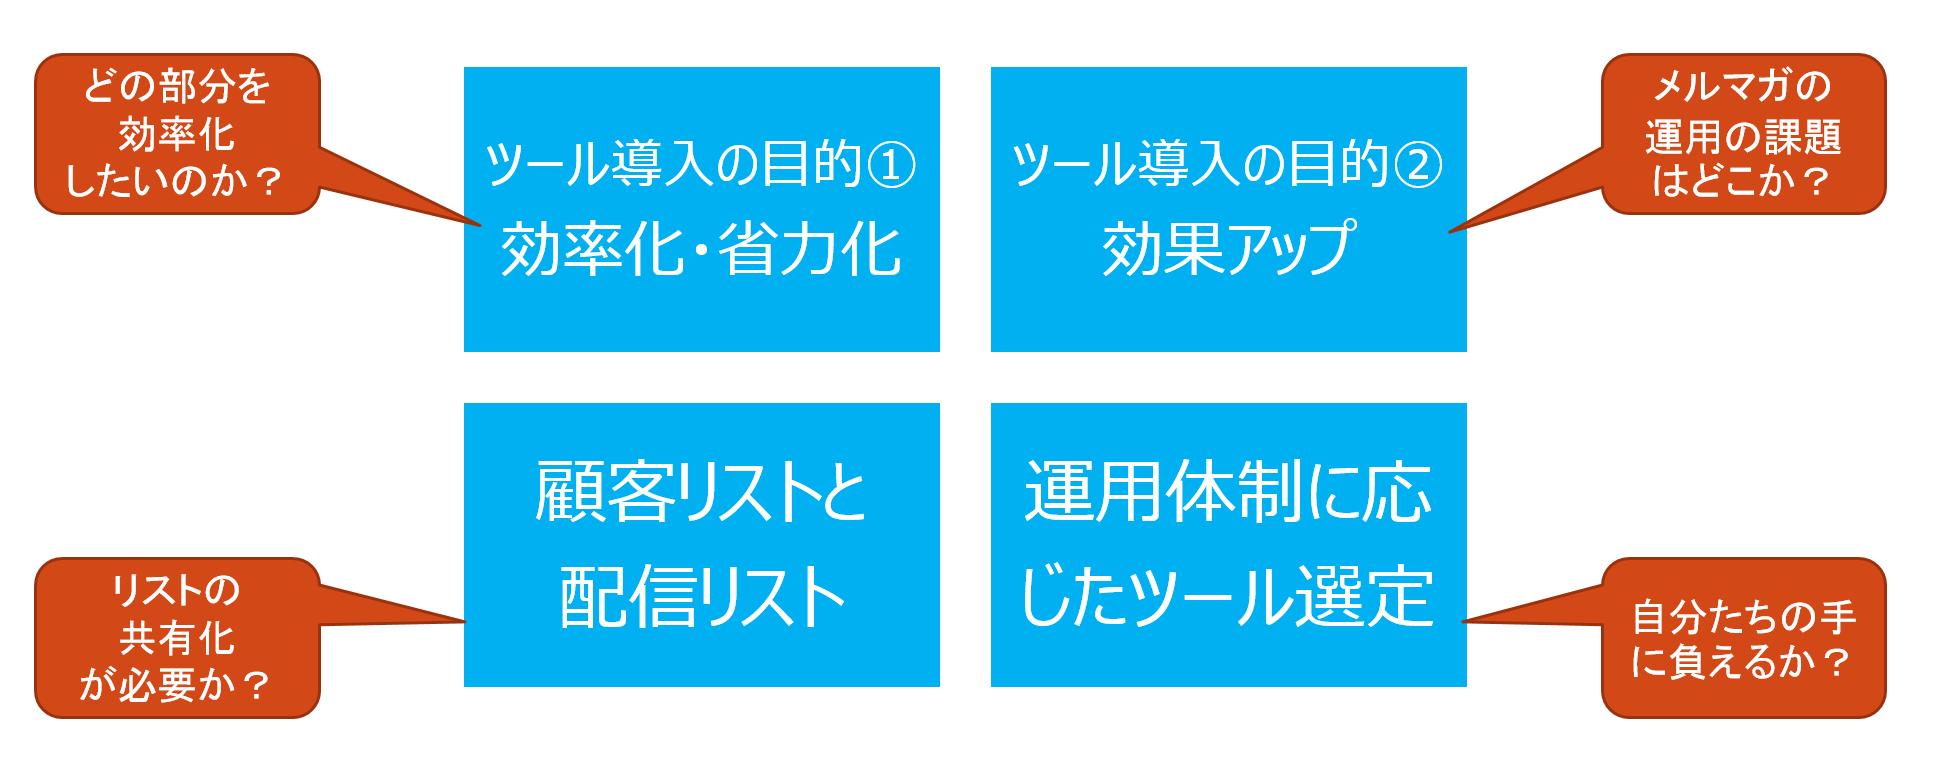 メールマーケティングの仕組み化(システム化)を進める際の4つのポイント